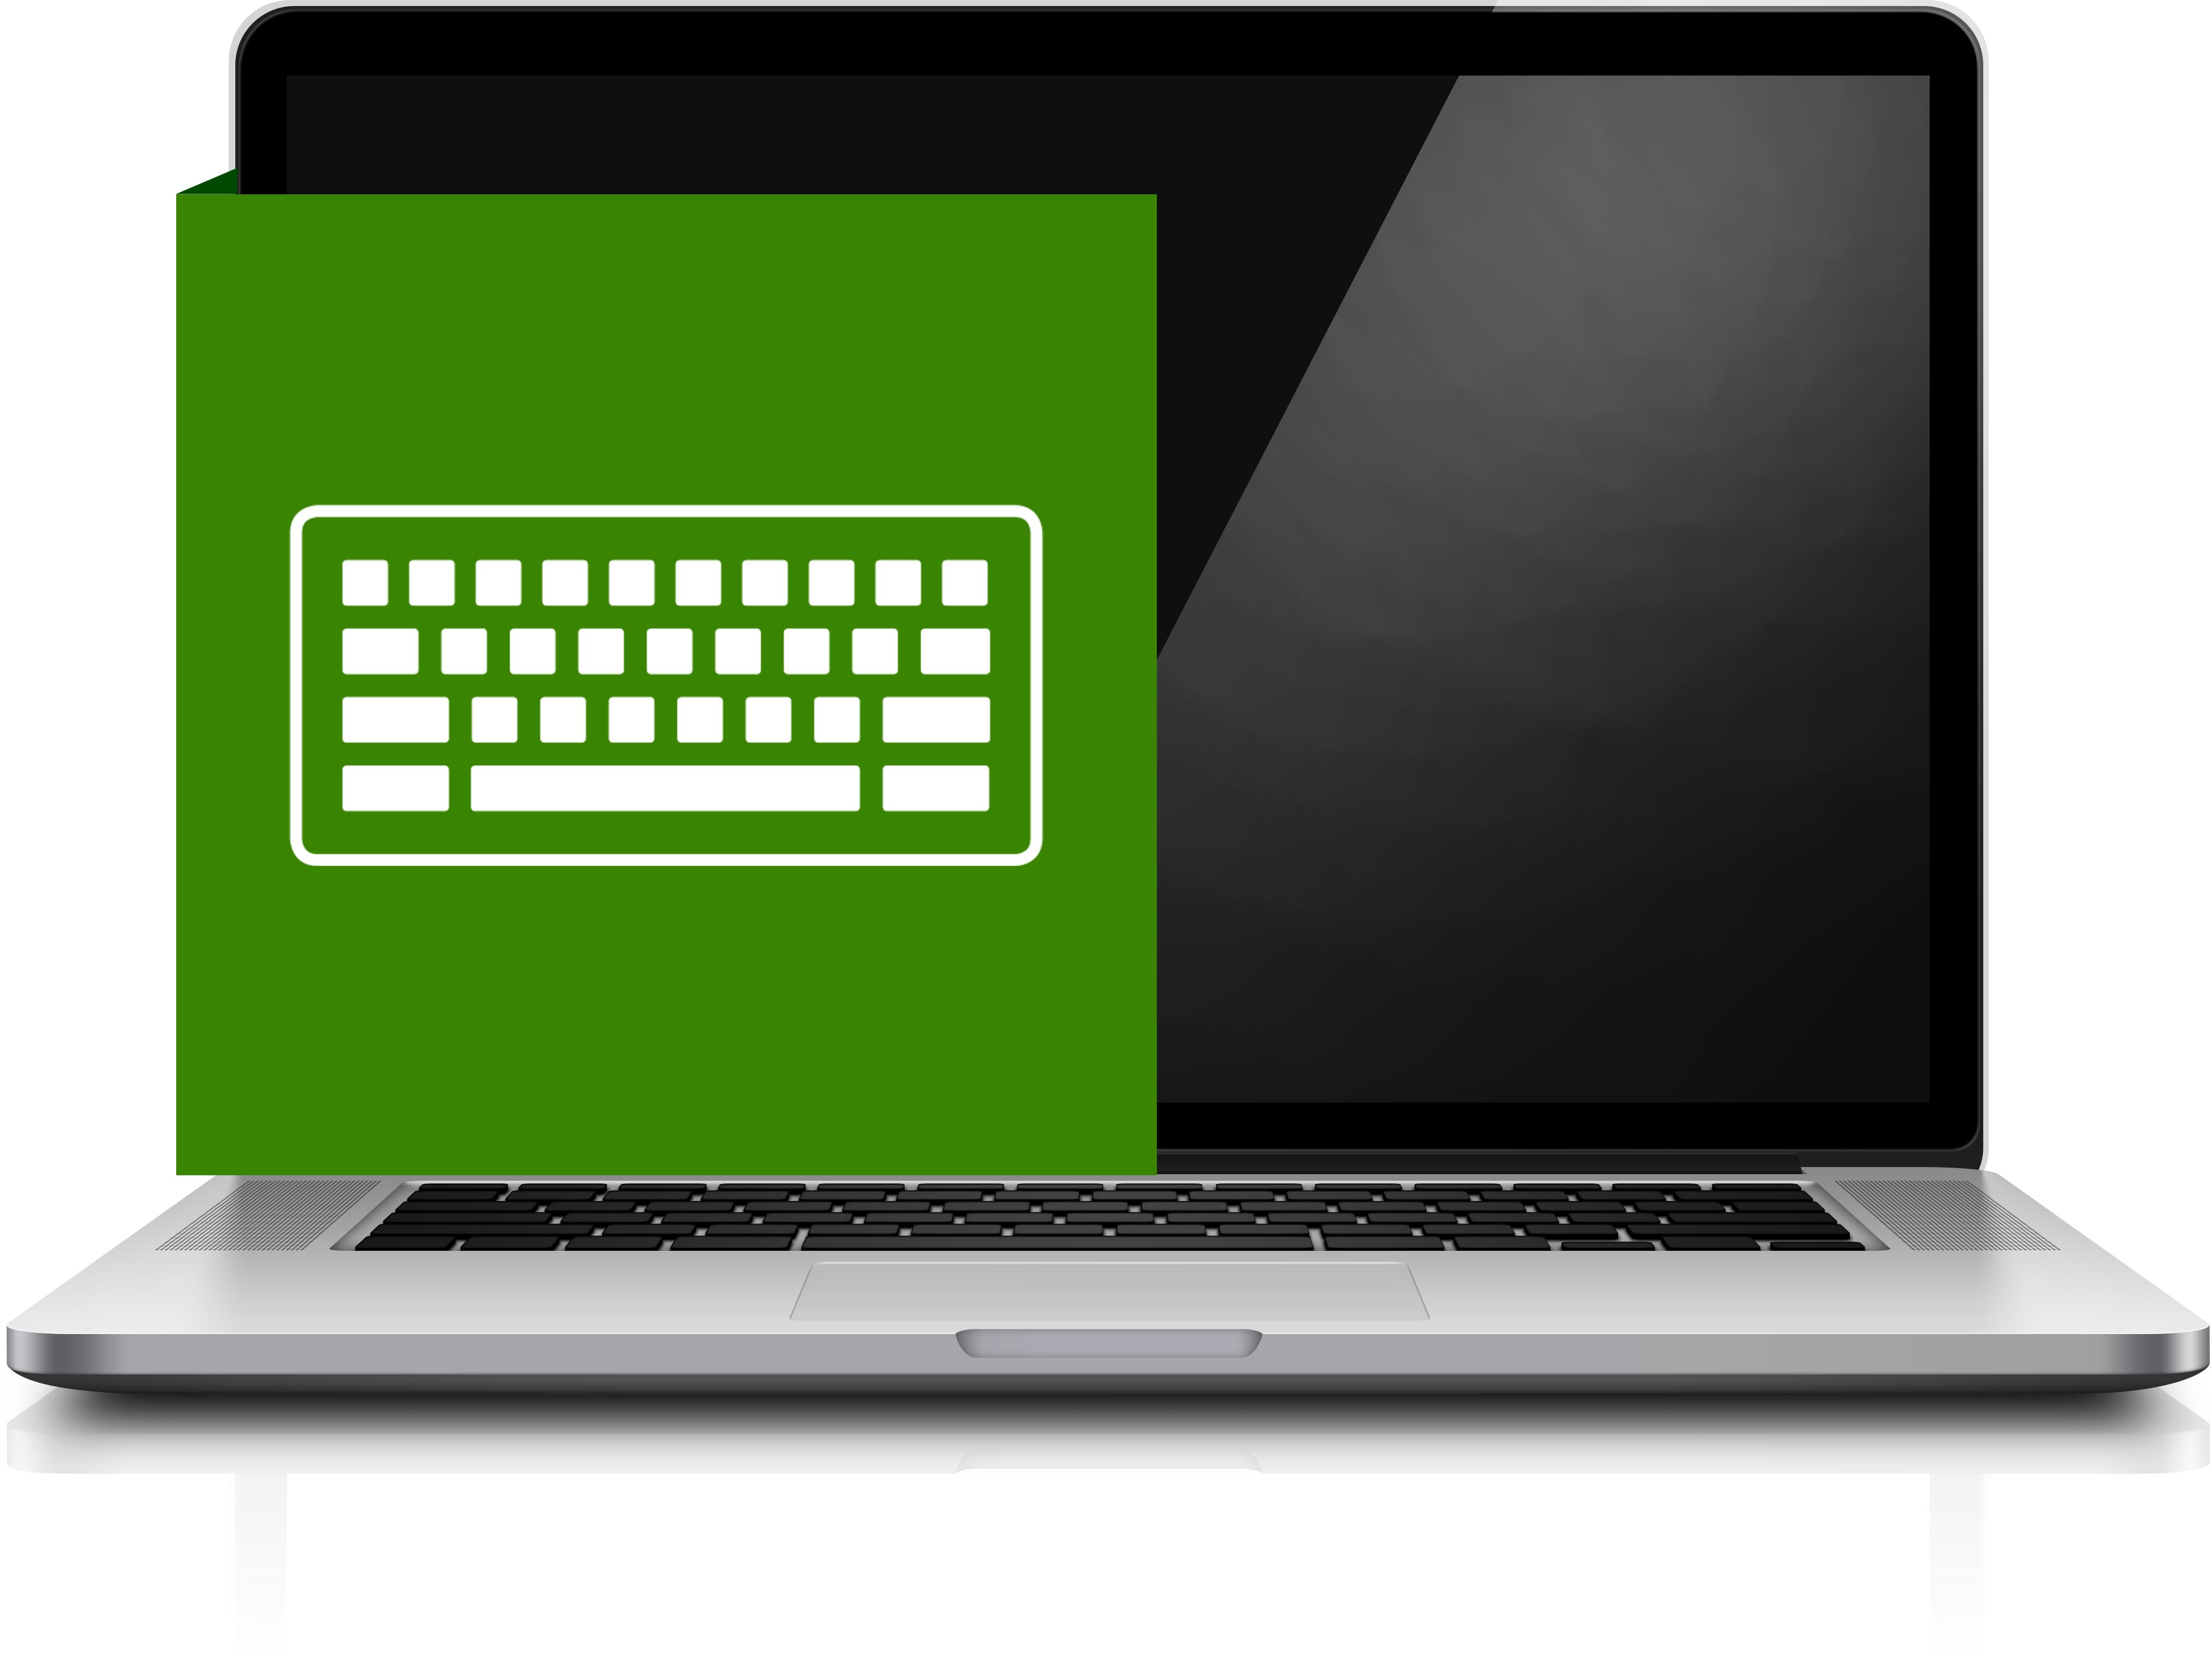 festplatte austausch laptop notebook computer hdd